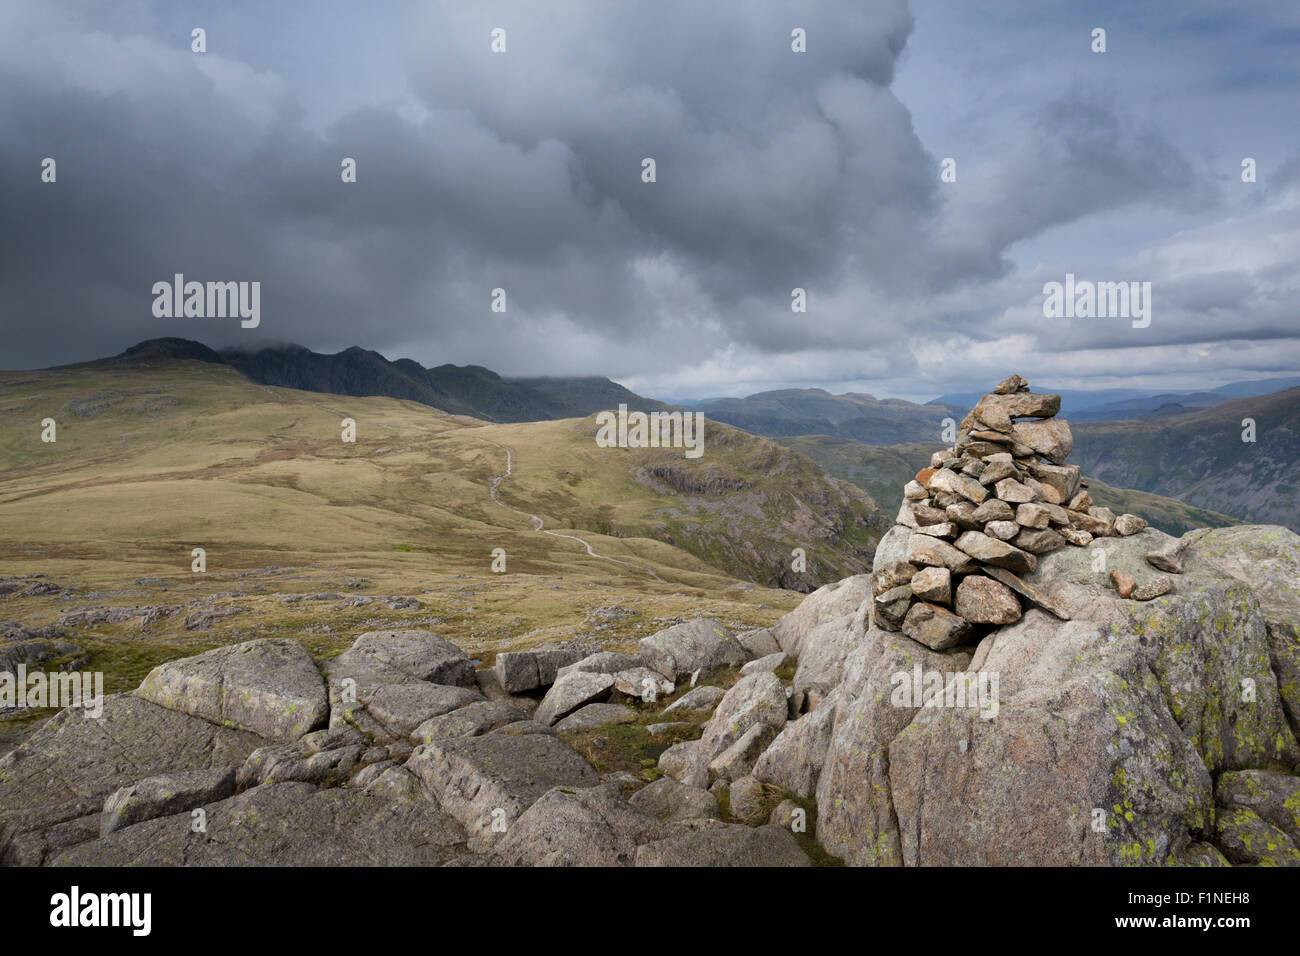 Brochet froid cairn du sommet à l'échelle de l'Crinkle Crags sous un ciel Moody, dans le Lake Photo Stock